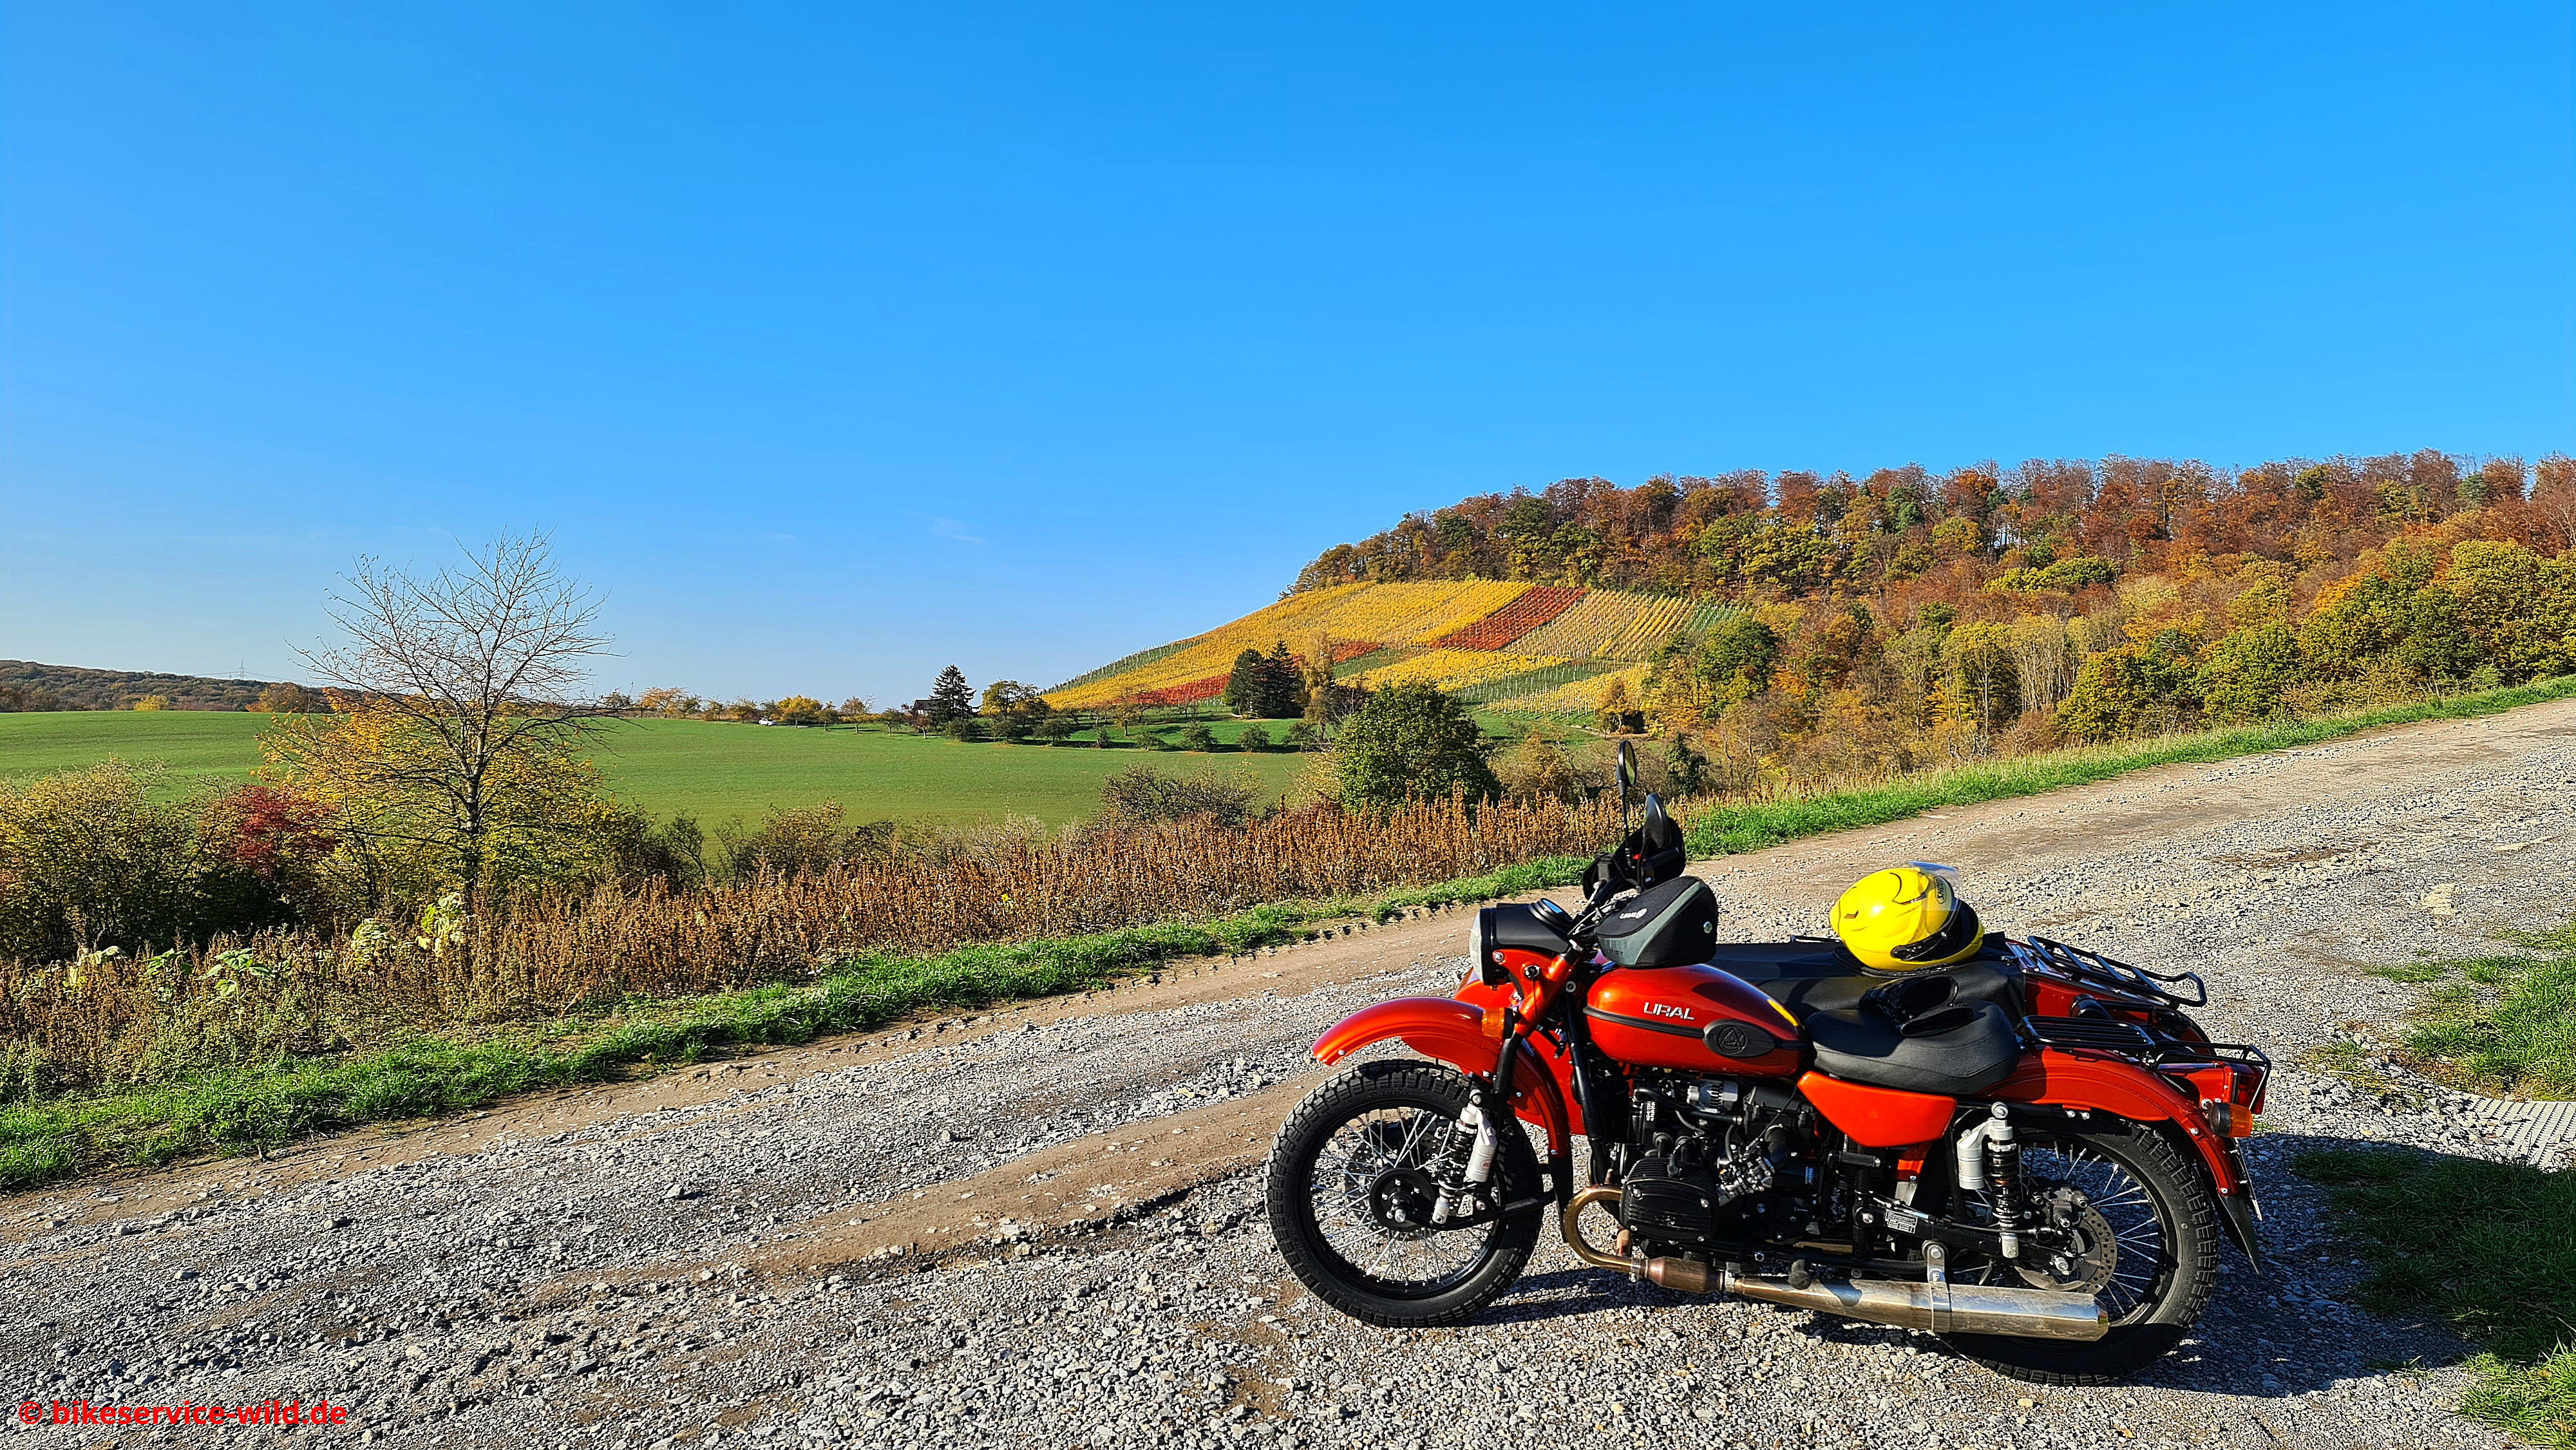 Herbst- und Wintersaison